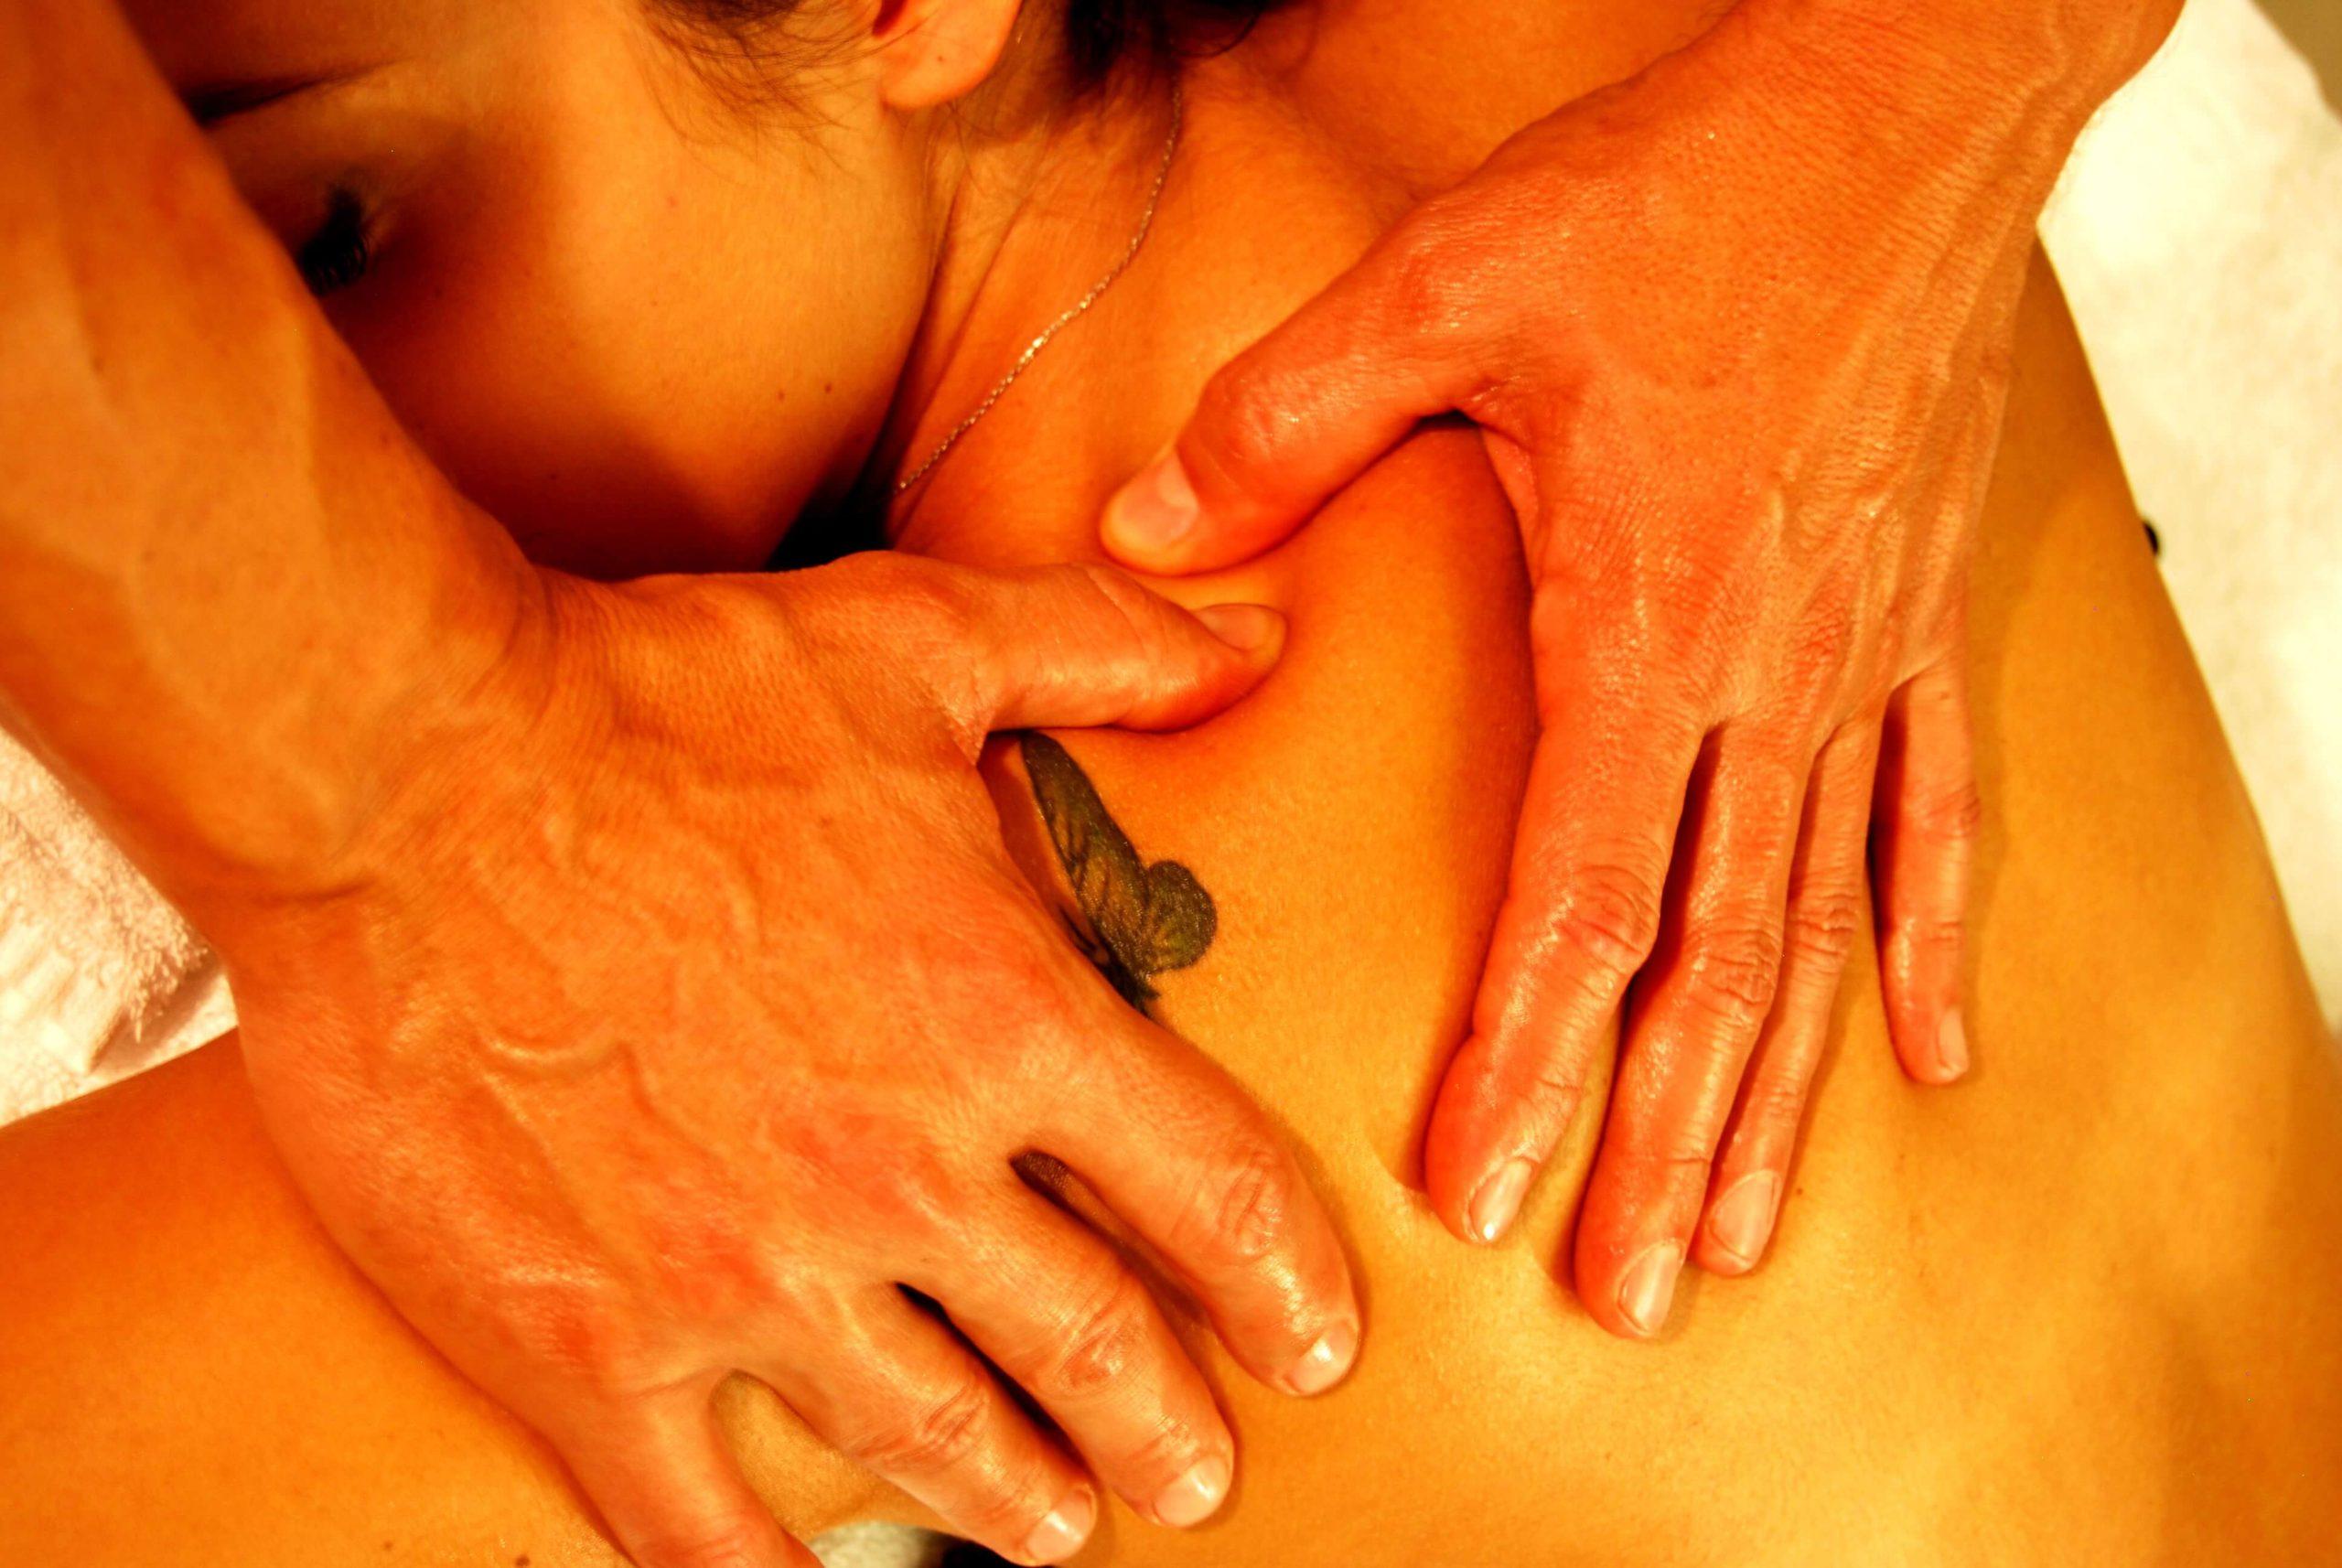 corso massaggio svedese a firenze